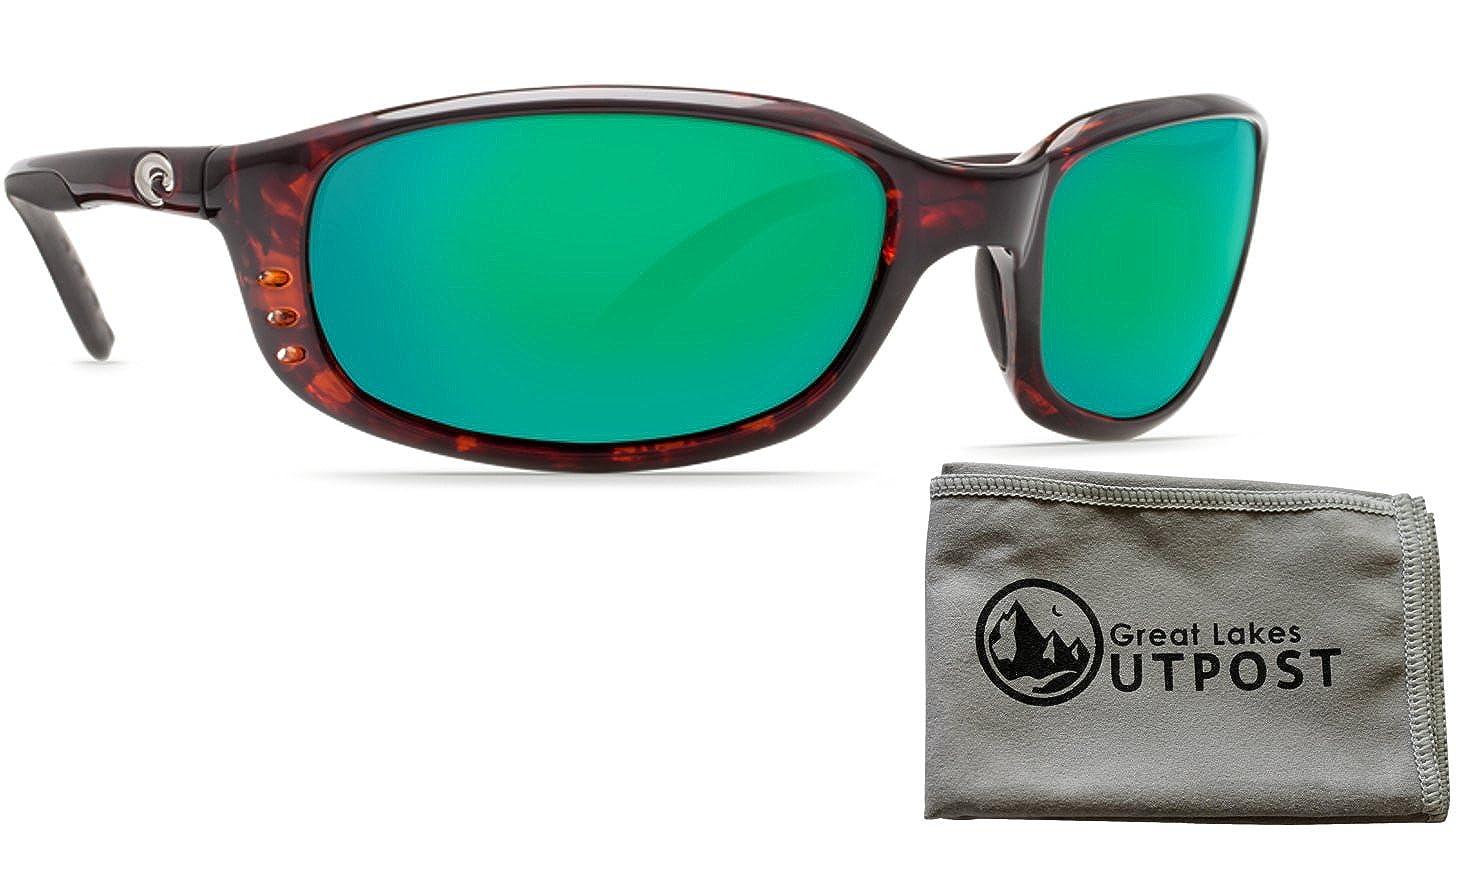 df5e65eb8797c Costa del Mar Brine Green Mirror Glass - W580 Tortoise Frame Sunglasses  w Cloth at Amazon Men s Clothing store